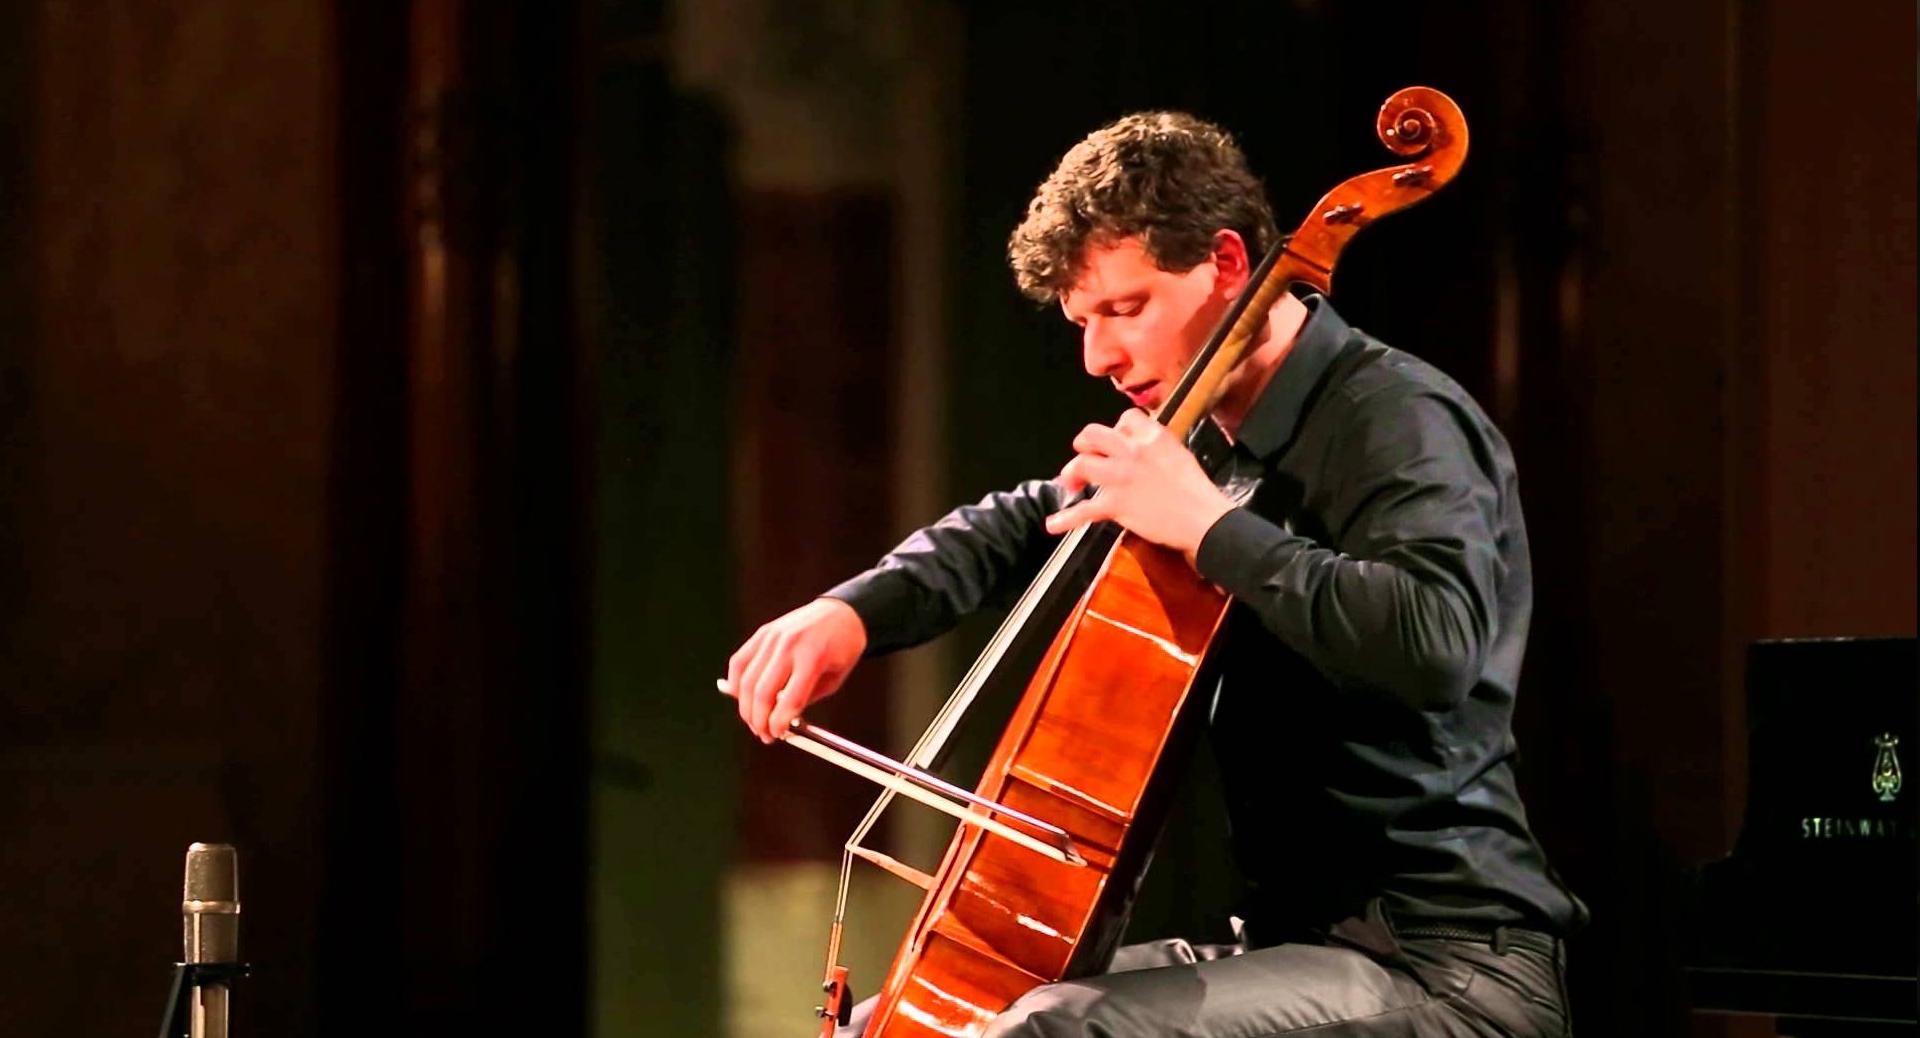 Istvan Vardai Classical Concert Dubai 2019